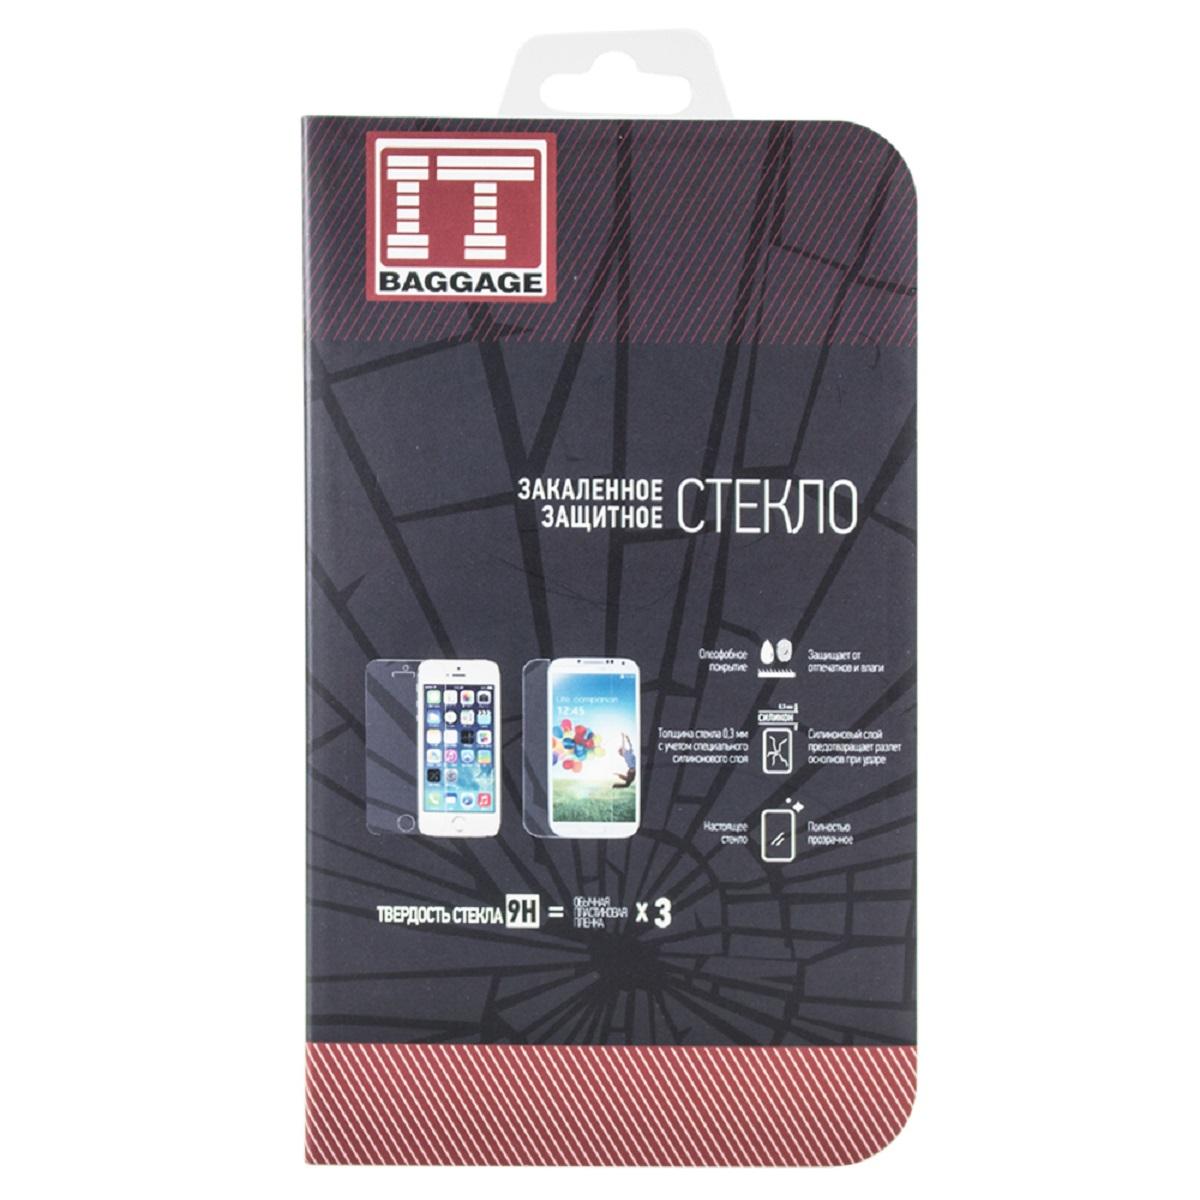 IT Baggage защитное стекло для ZTE Blade X3ITZTEBX3GЗакаленное стекло IT Baggage для ZTE Blade X3 - это самый верный способ защитить экран от повреждений и загрязнений. Обладает высочайшим уровнем прозрачности и совершенно не влияет на отклик экранного сенсора и качество изображения. Препятствует появлению отпечатков и пятен. Удалить следы жира и косметики с поверхности аксессуара не составить ни какого труда.Характеристики защитного стекла делают его износостойким к таким механическим повреждениям, как царапины, сколы, потертости. При сильном ударе разбившееся стекло не разлетается на осколки, предохраняя вас от порезов, а экран устройства от повреждений.После снятия защитного стекла с поверхности дисплея, на нем не остаются повреждения, такие как потертости и царапины.